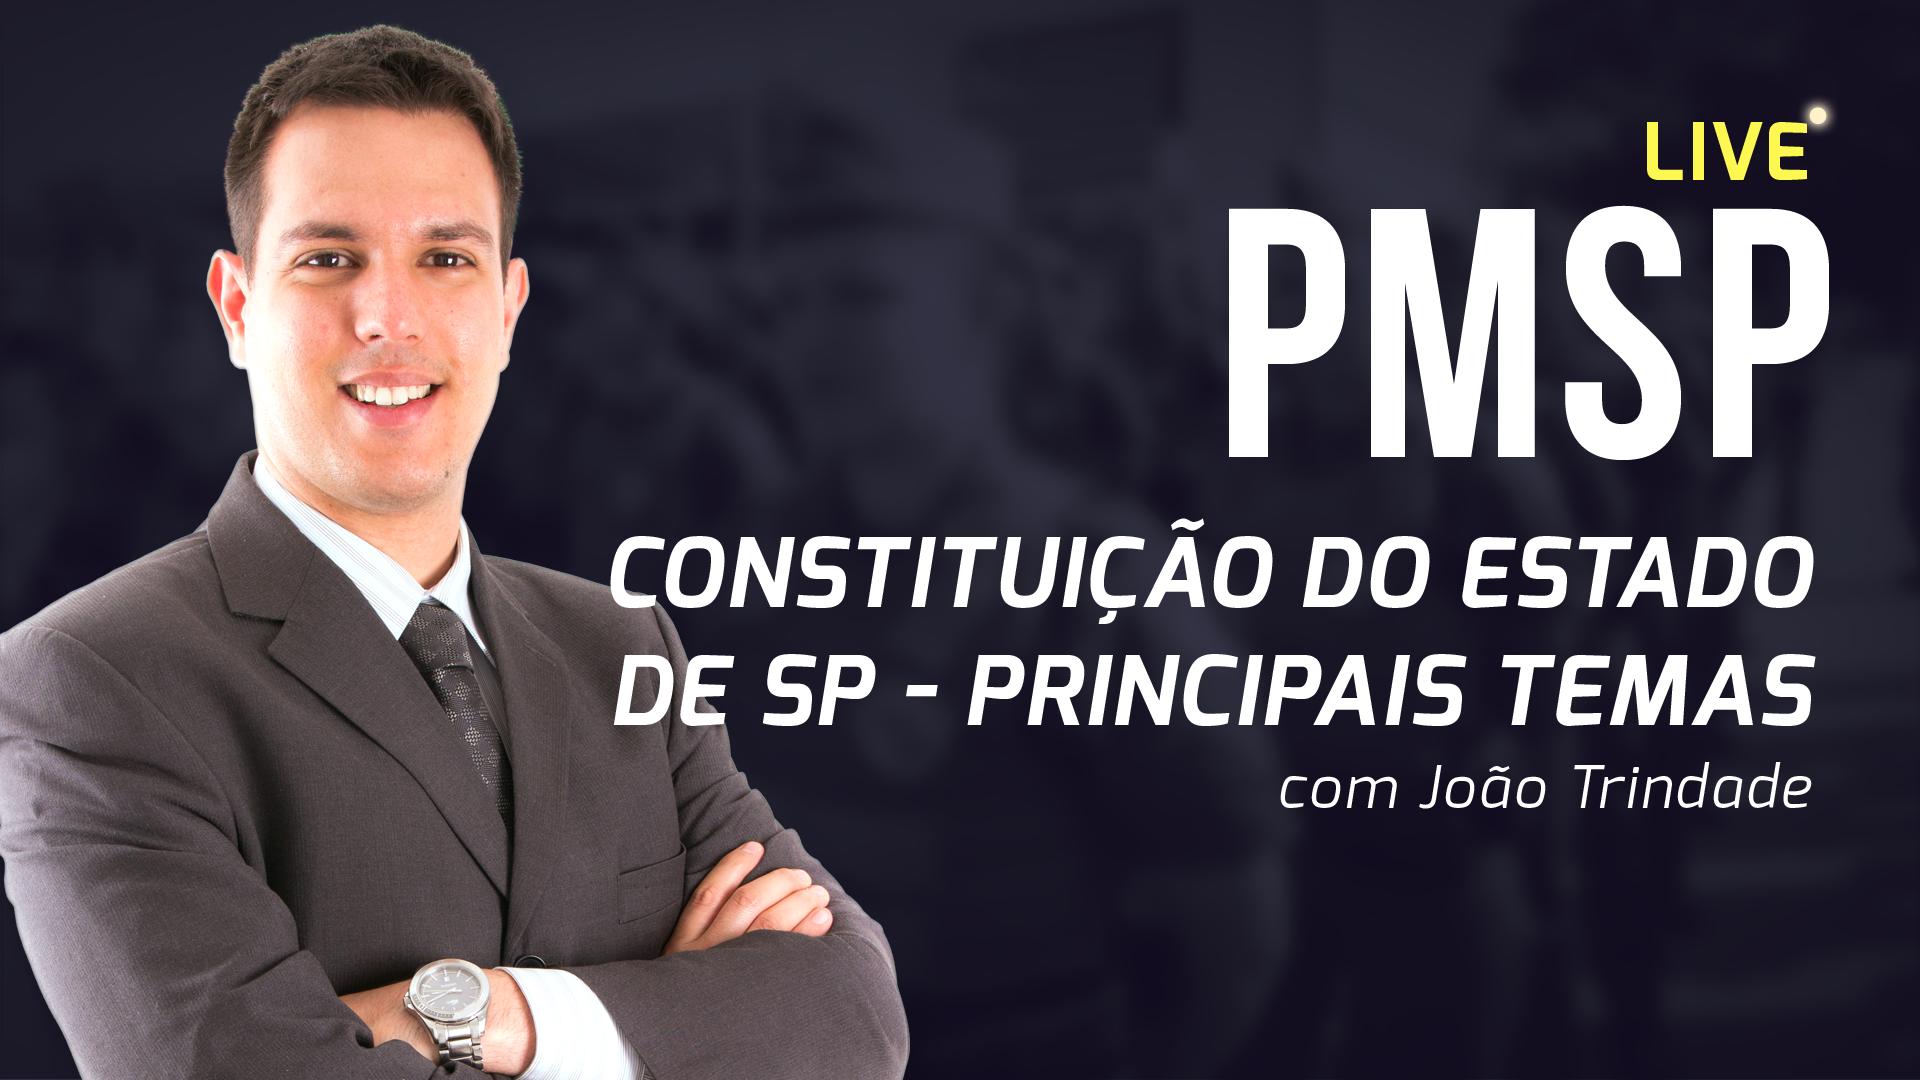 Live PMSP - Constituição do Estado de SP